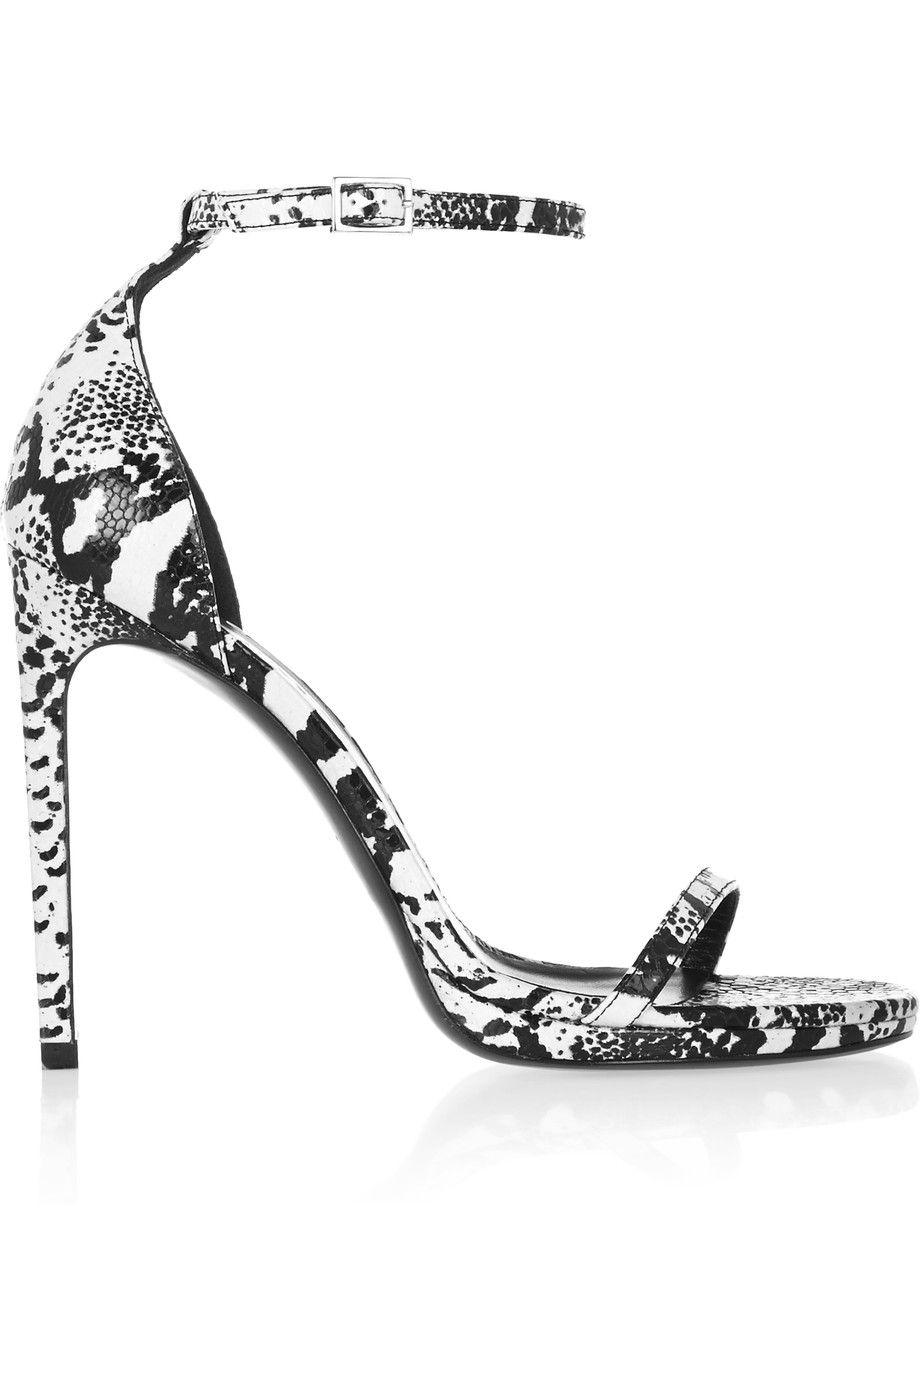 SAINT LAURENT Jane Lizard-Effect Leather Sandals. #saintlaurent #shoes #sandals